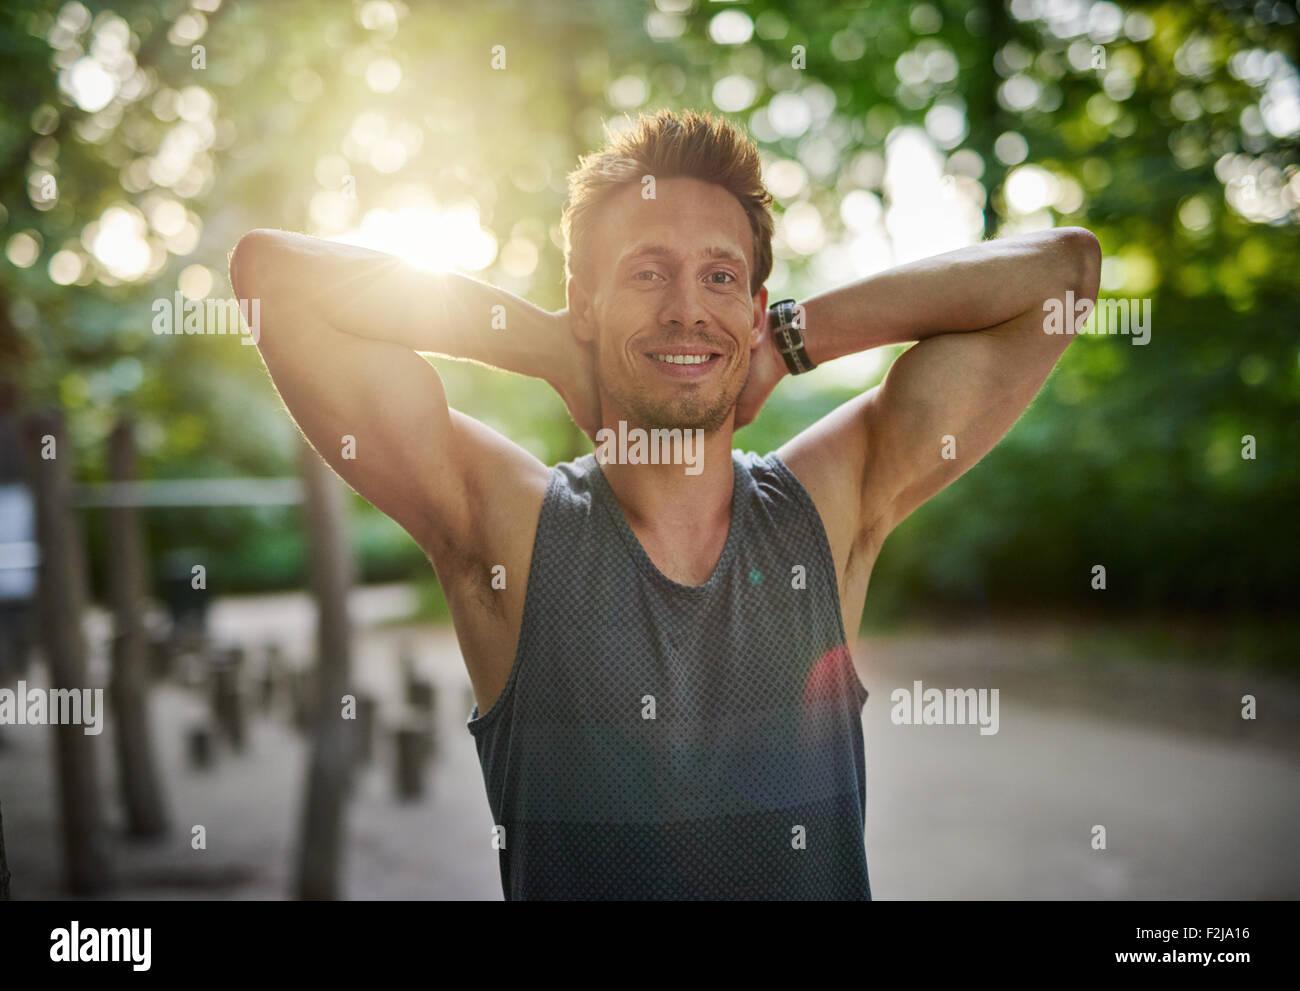 Eine halbe Stelle erschossen einen athletischen jungen Mannes an den Park lächelnd in die Kamera mit den Händen Stockbild